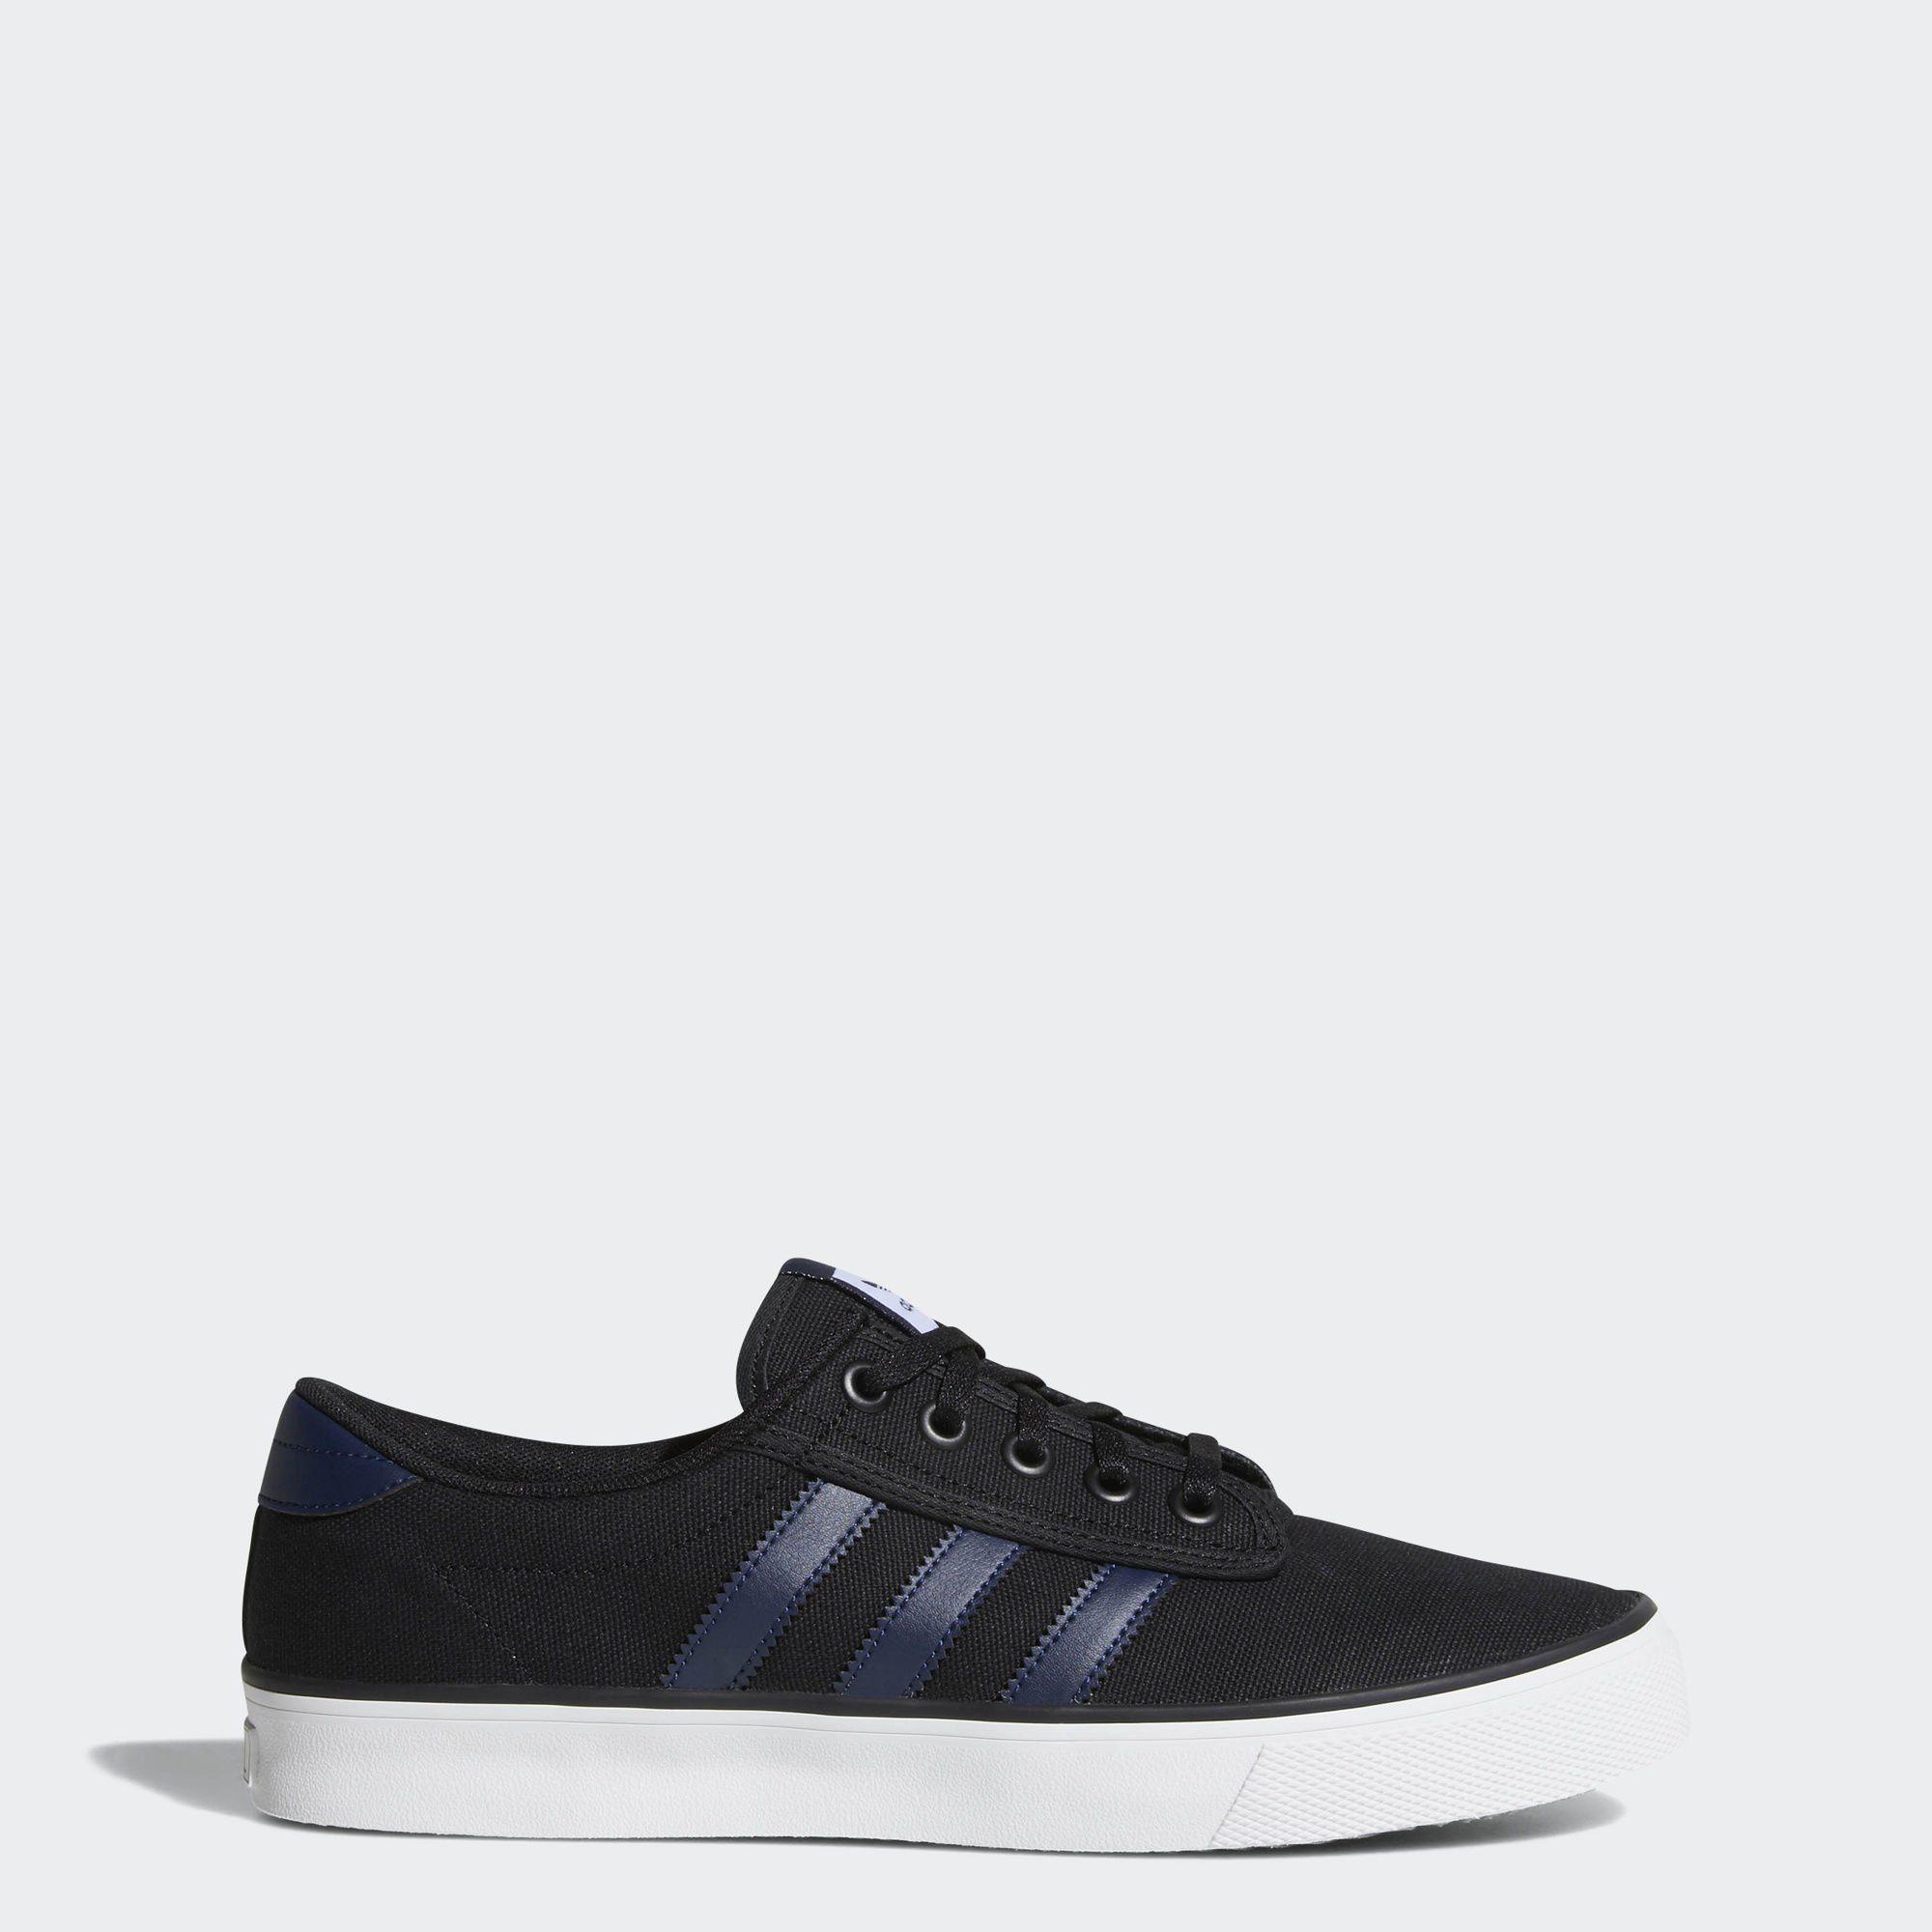 adidas Originals Kiel Schuh Skateschuh kaufen  black